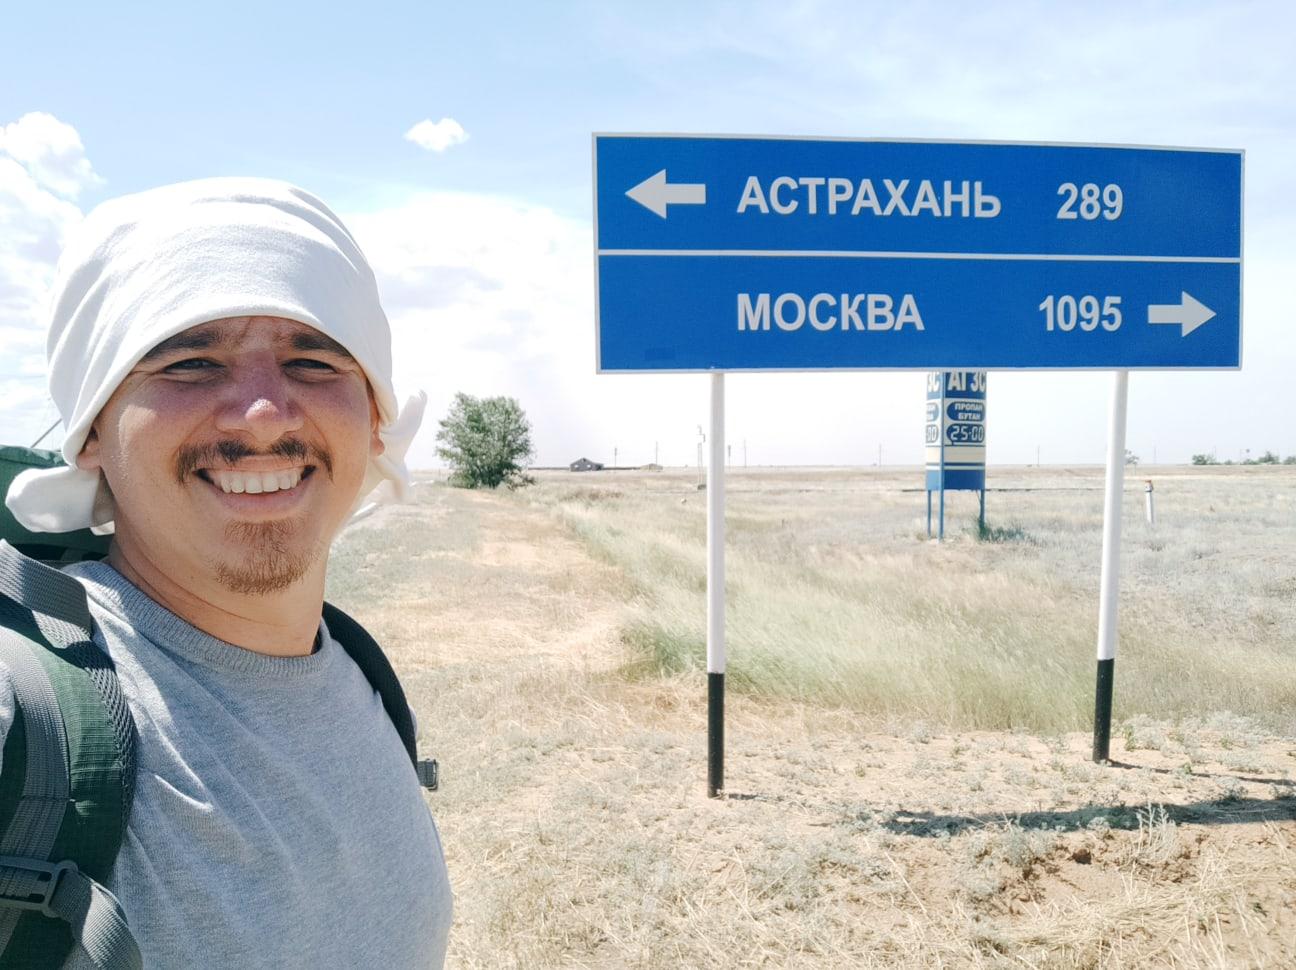 Путешествие длиною в год: Евгений Кутузов добрался до Астраханской области пешком